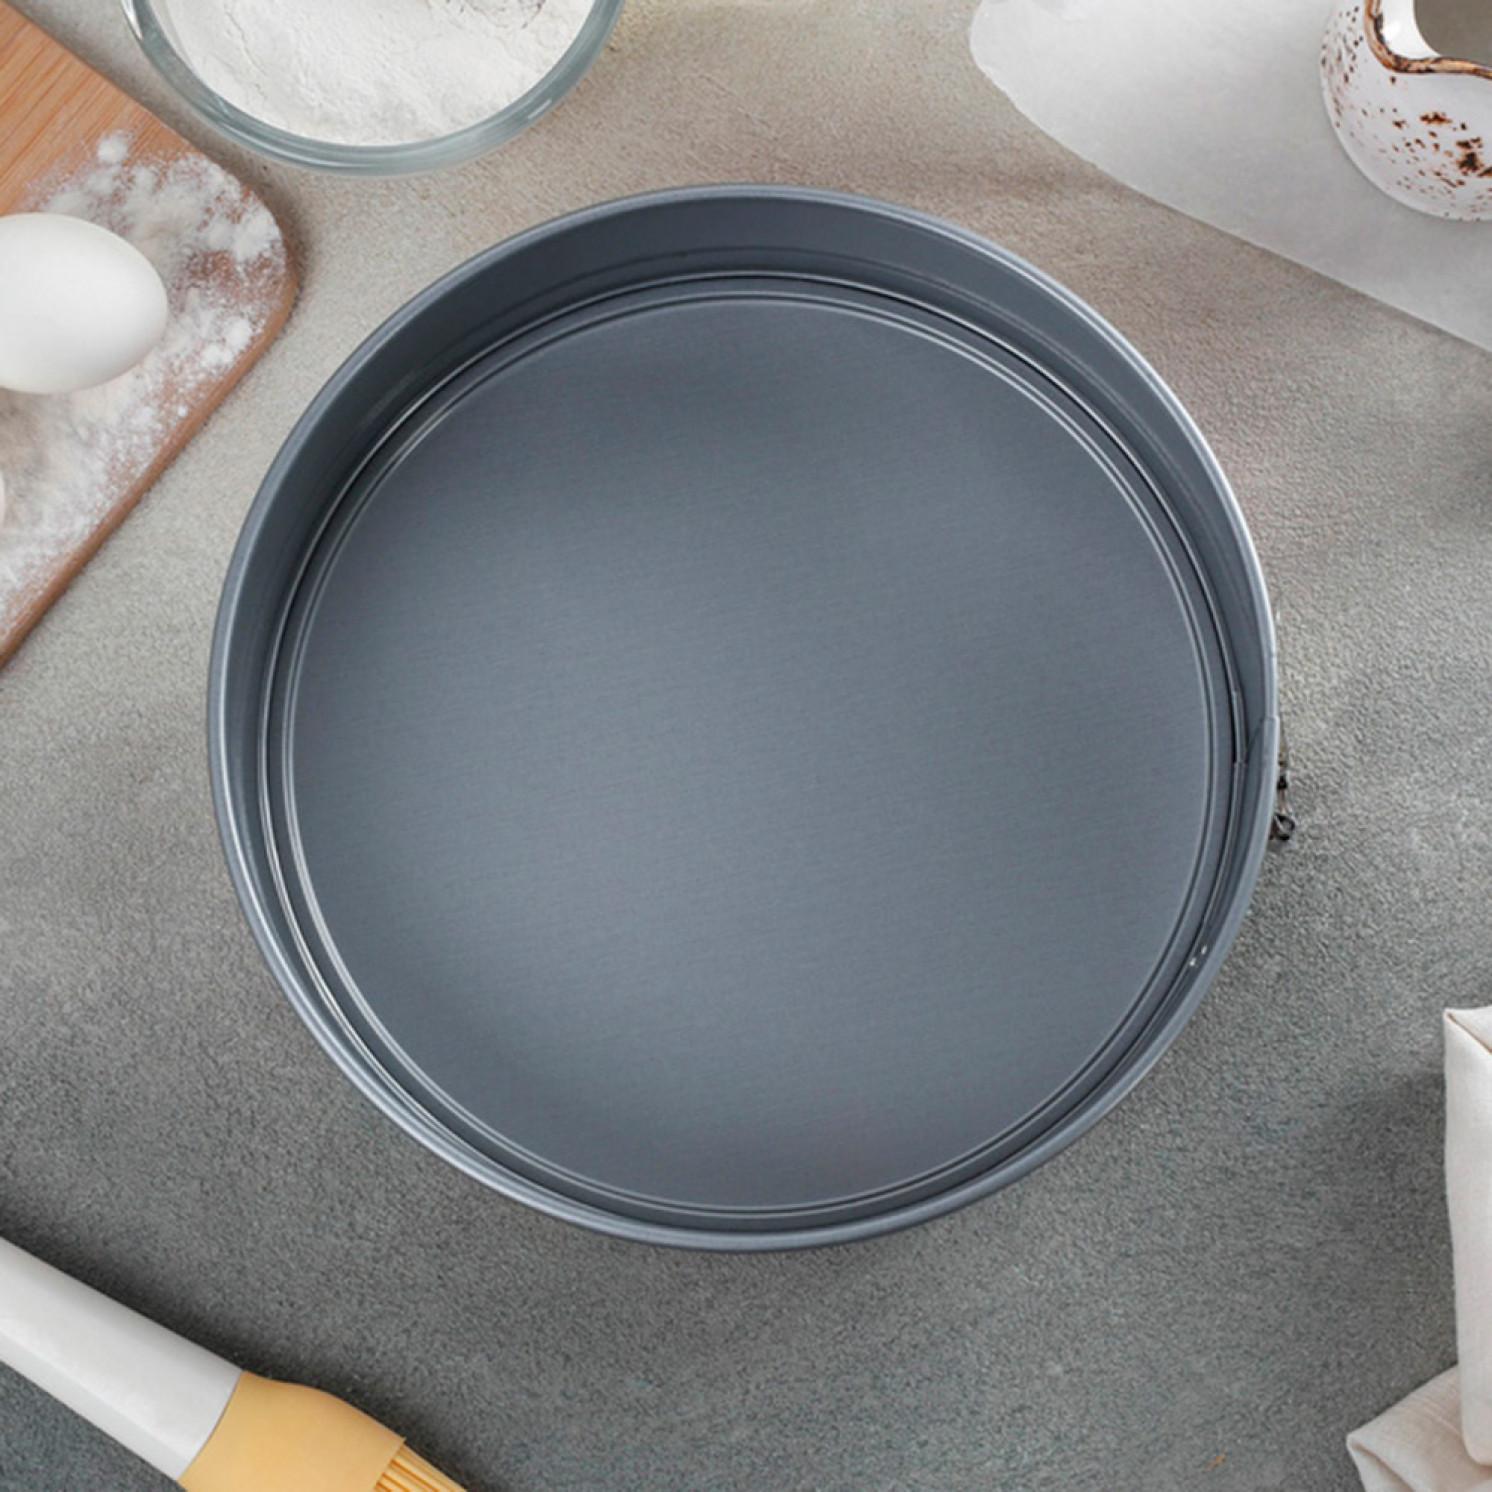 Форма для выпечки разъёмная «Ромб», d=22 см, с антипригарным покрытием